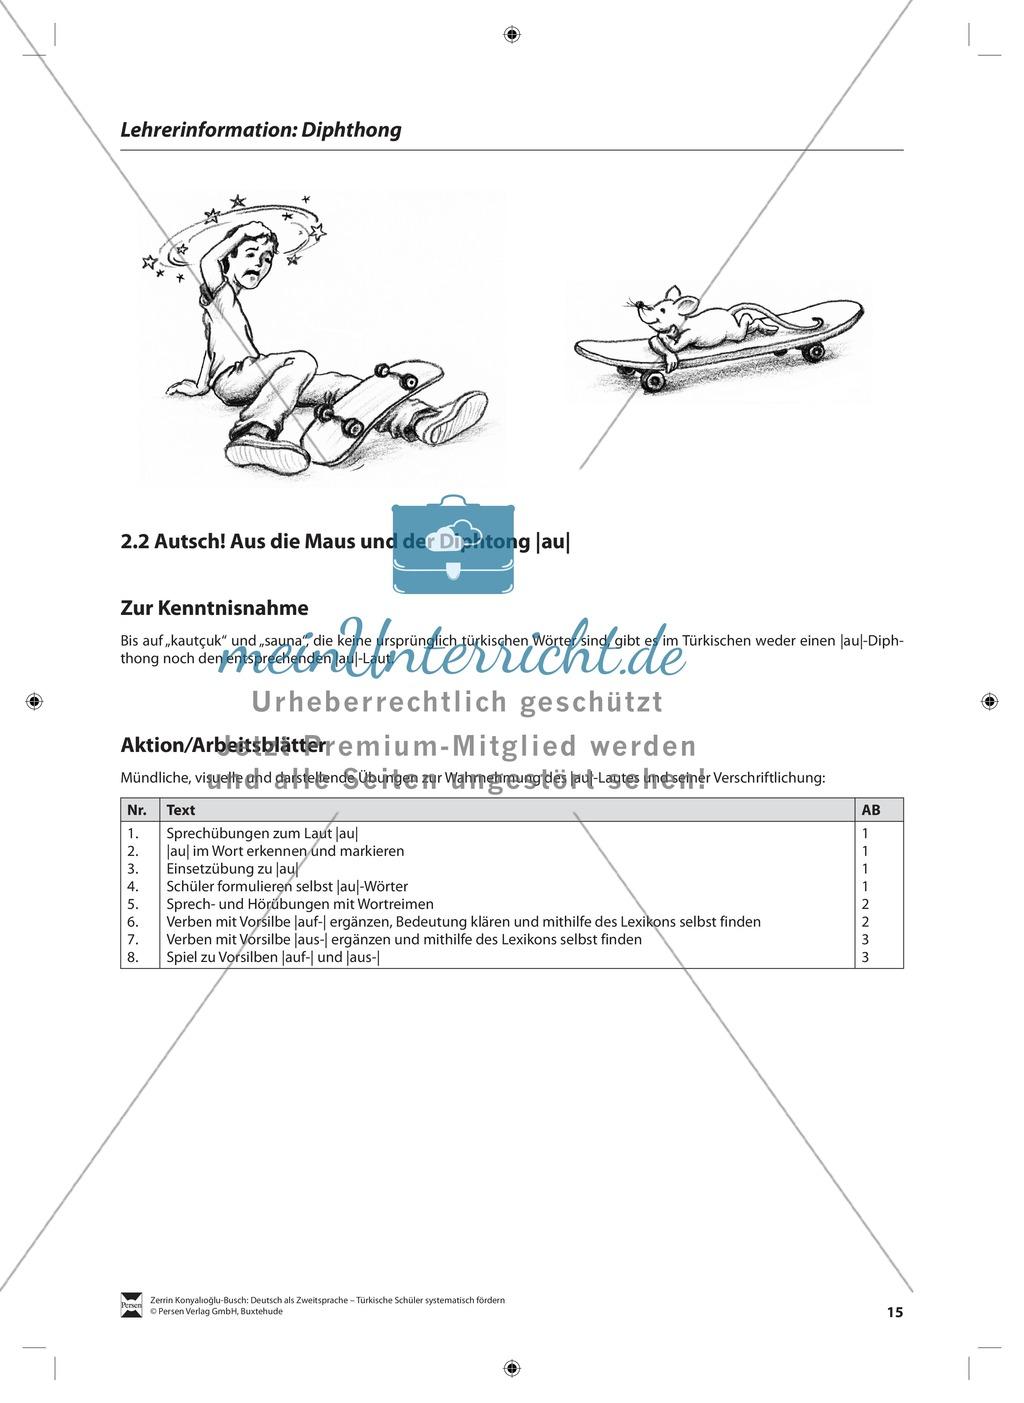 Der Diphthong: Lehrerinformationen, Arbeitsblätter und Lösungen Preview 1